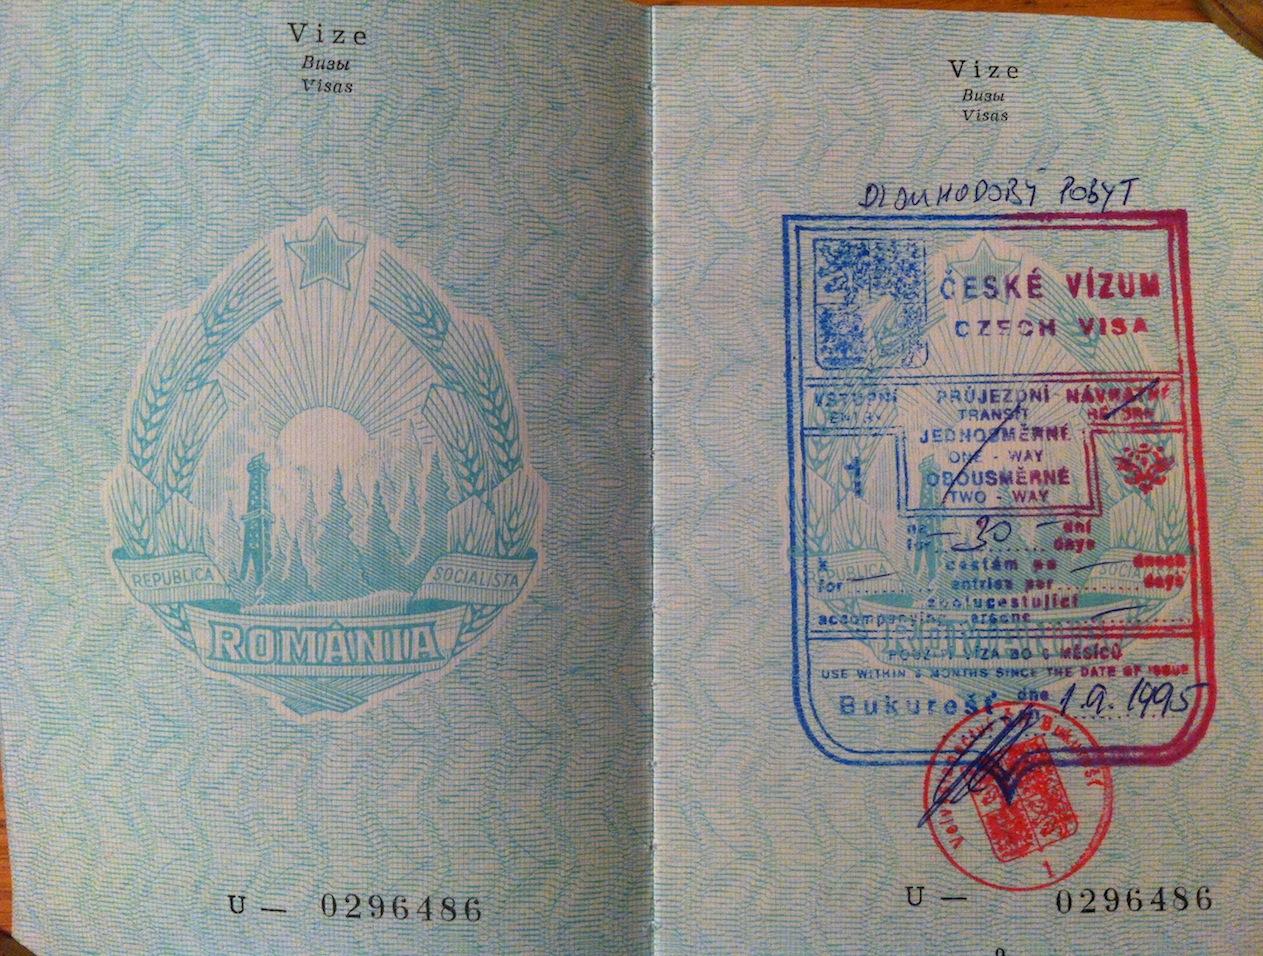 pasaport 7